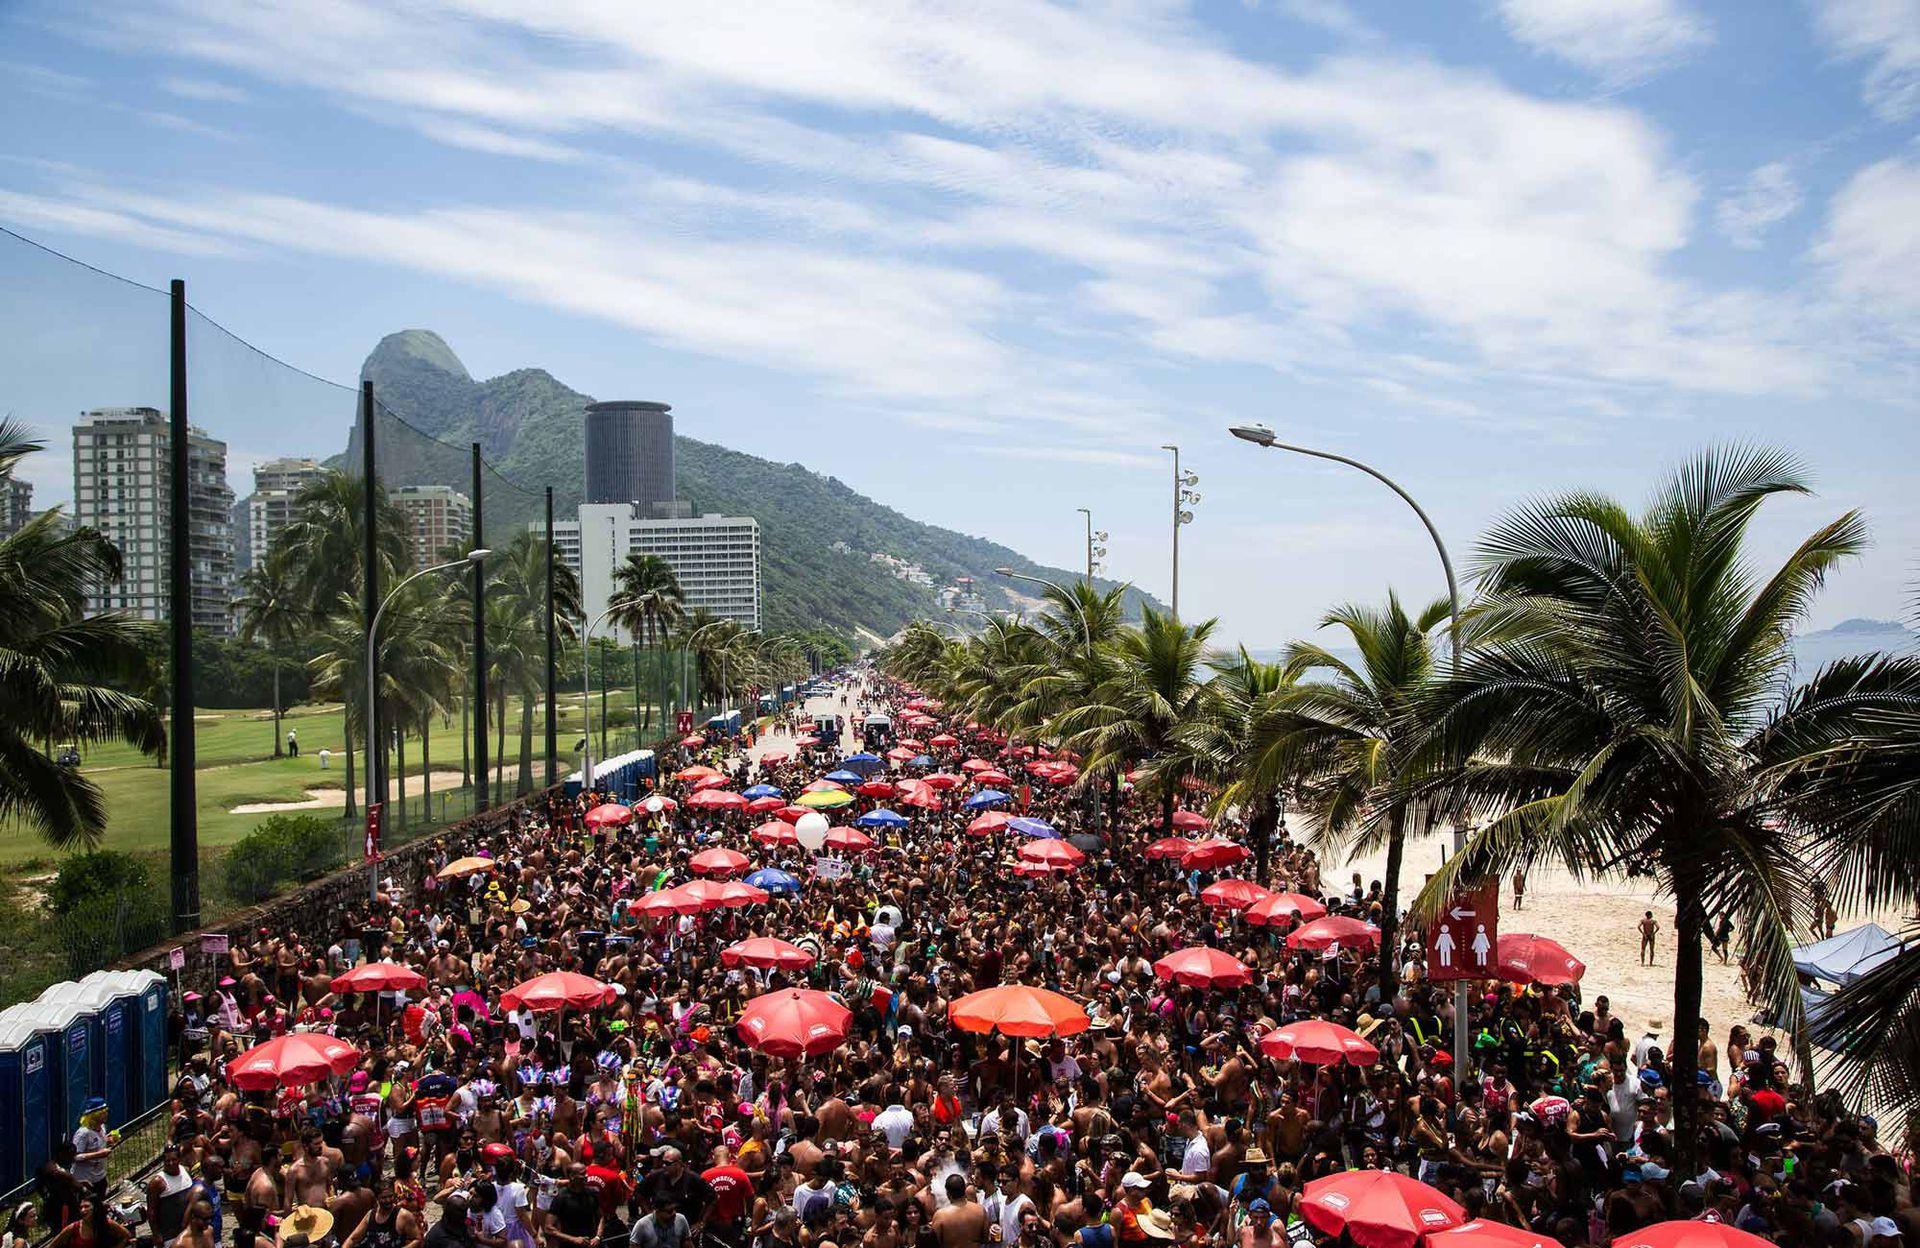 El bloco Chame Gente por las calles de Río de Janeiro.